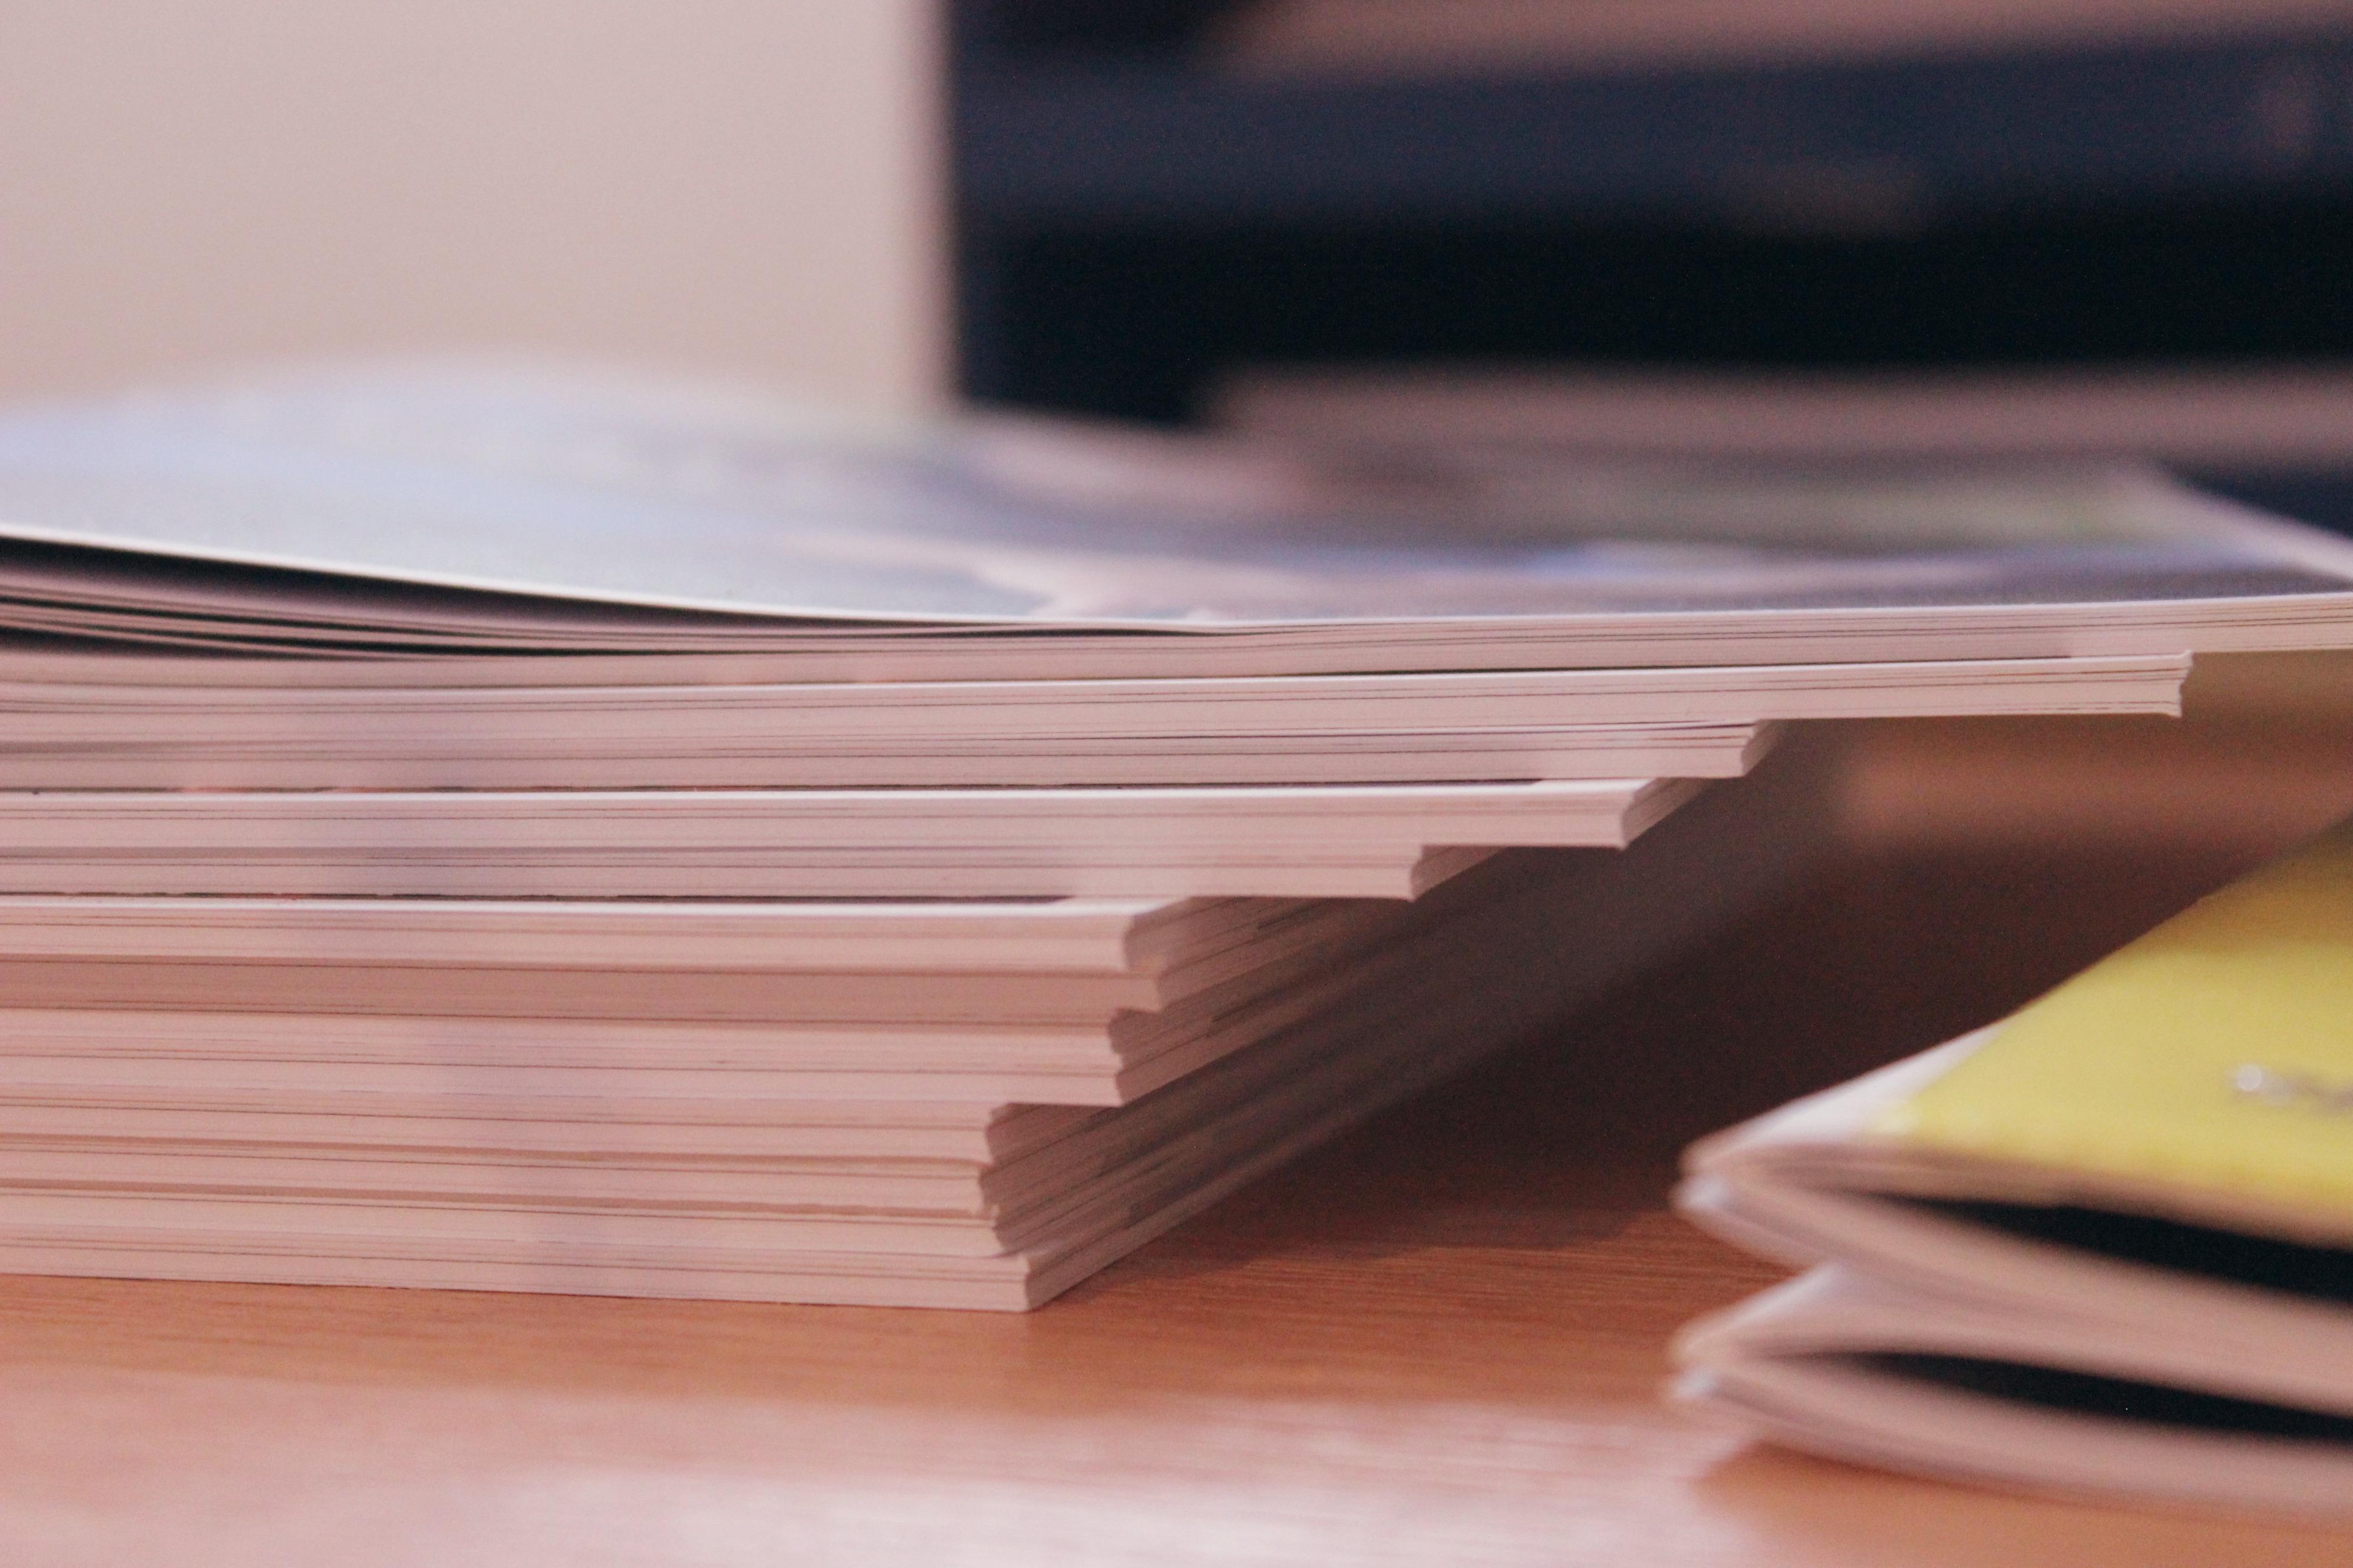 Broschürenstapel.jpg